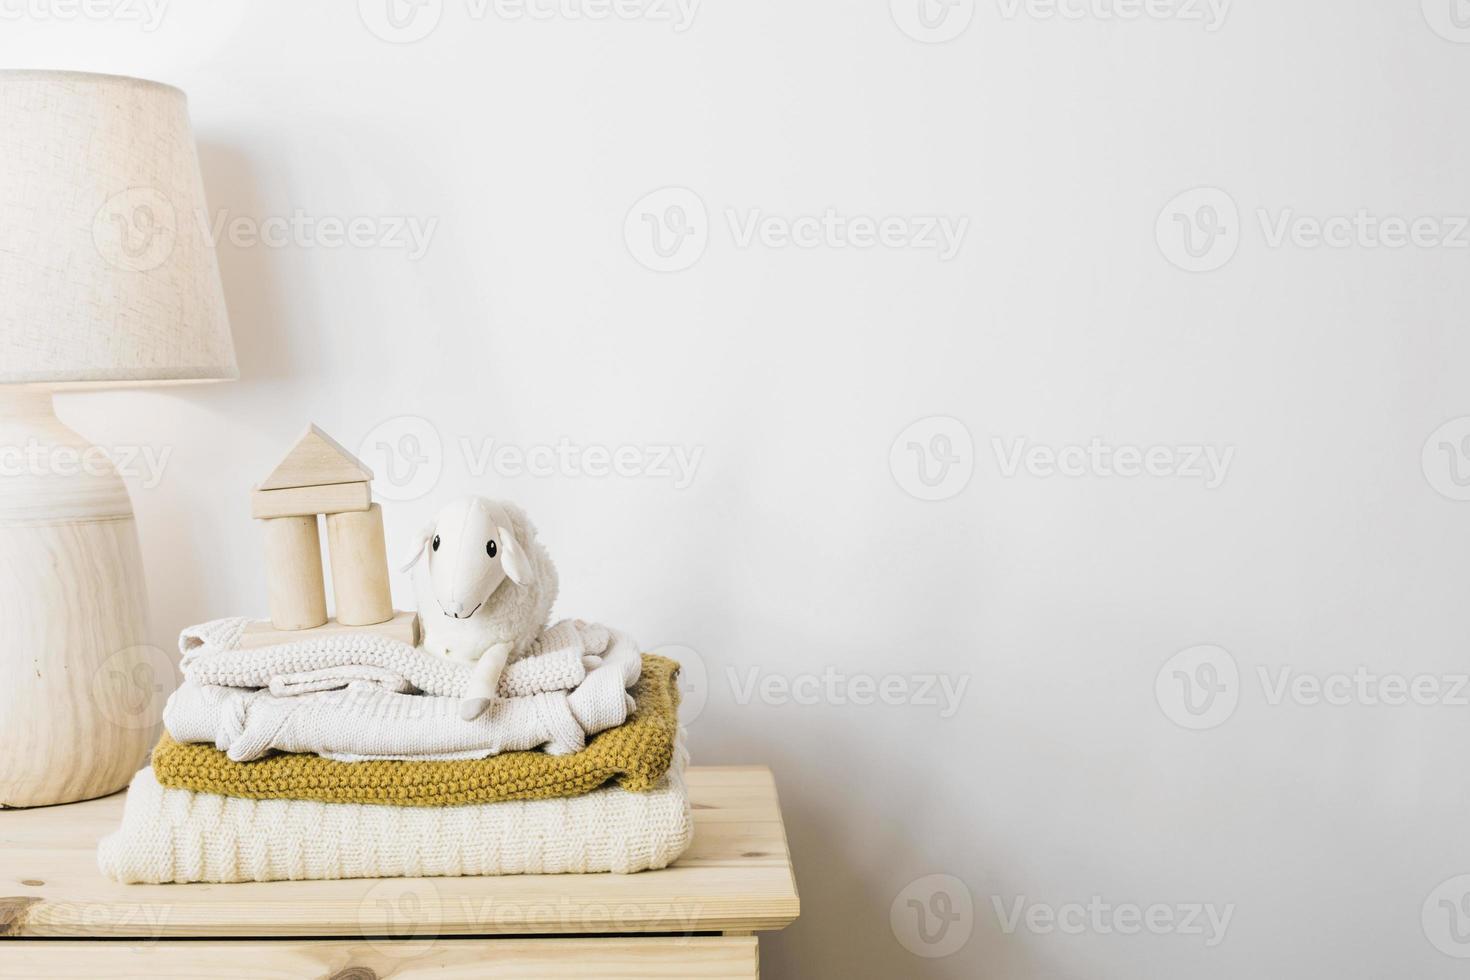 mantas de felpa de pelo de oveja foto